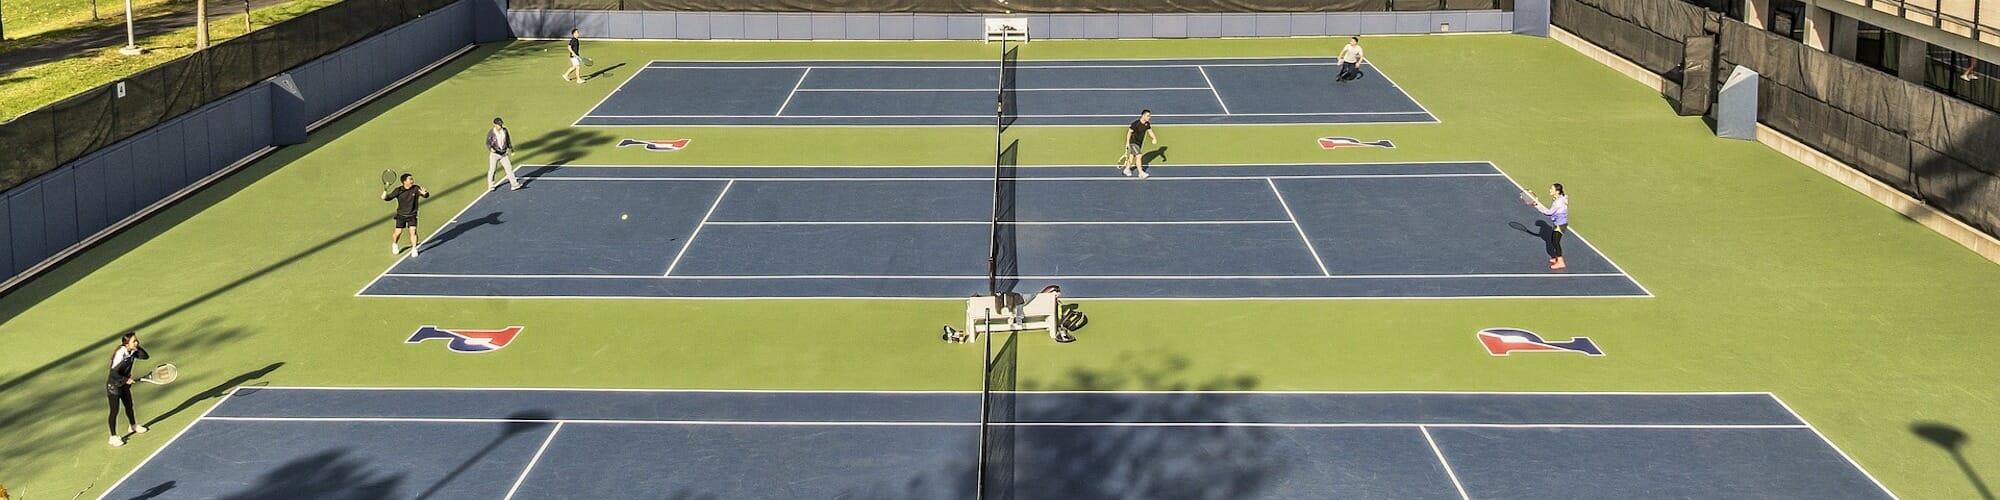 Tennis Titelbild